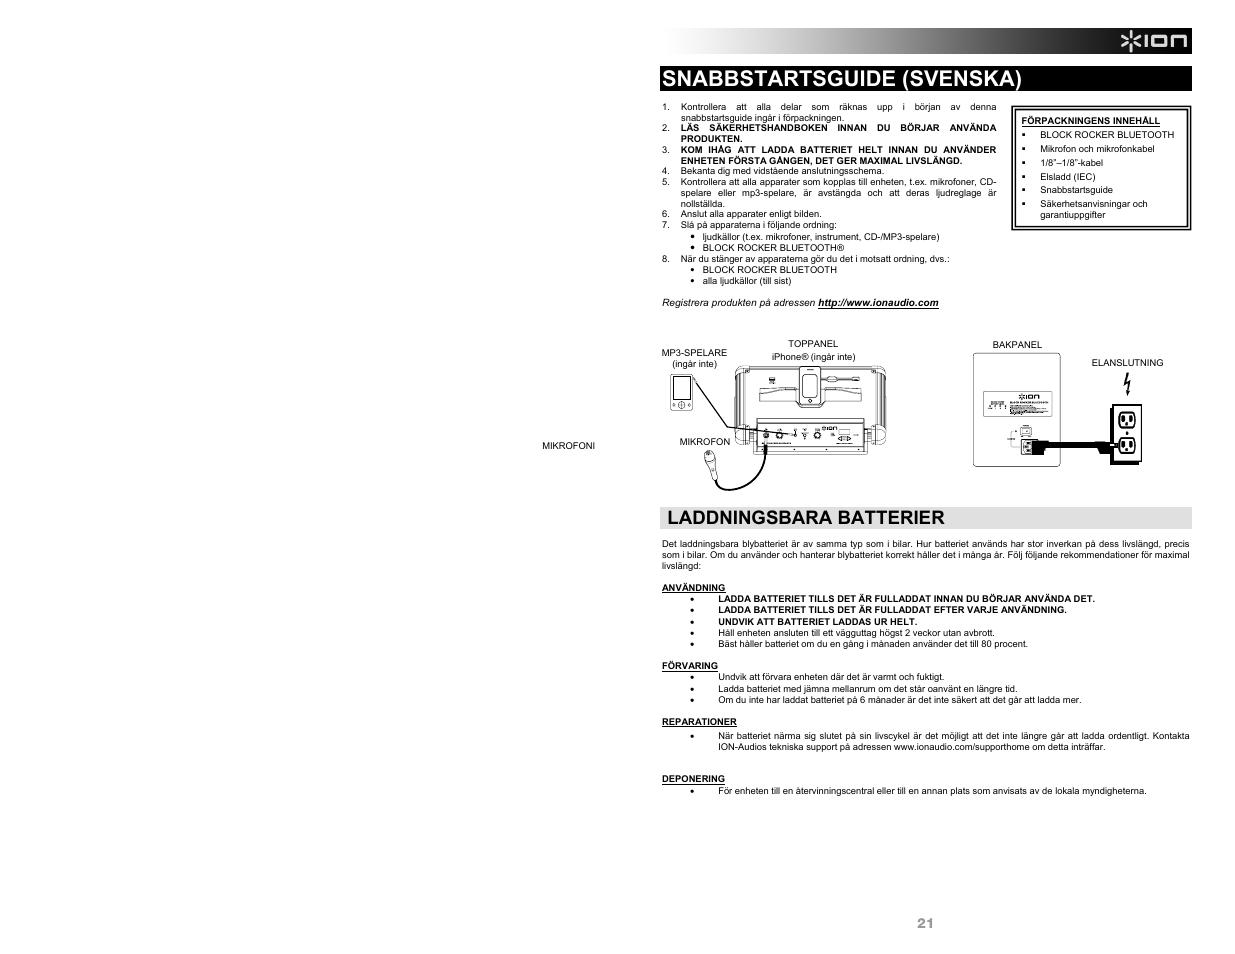 Snabbstartsguide (svenska), Laddningsbara batterier | ION Audio Block Rocker  Bluetooth - iPA56B User